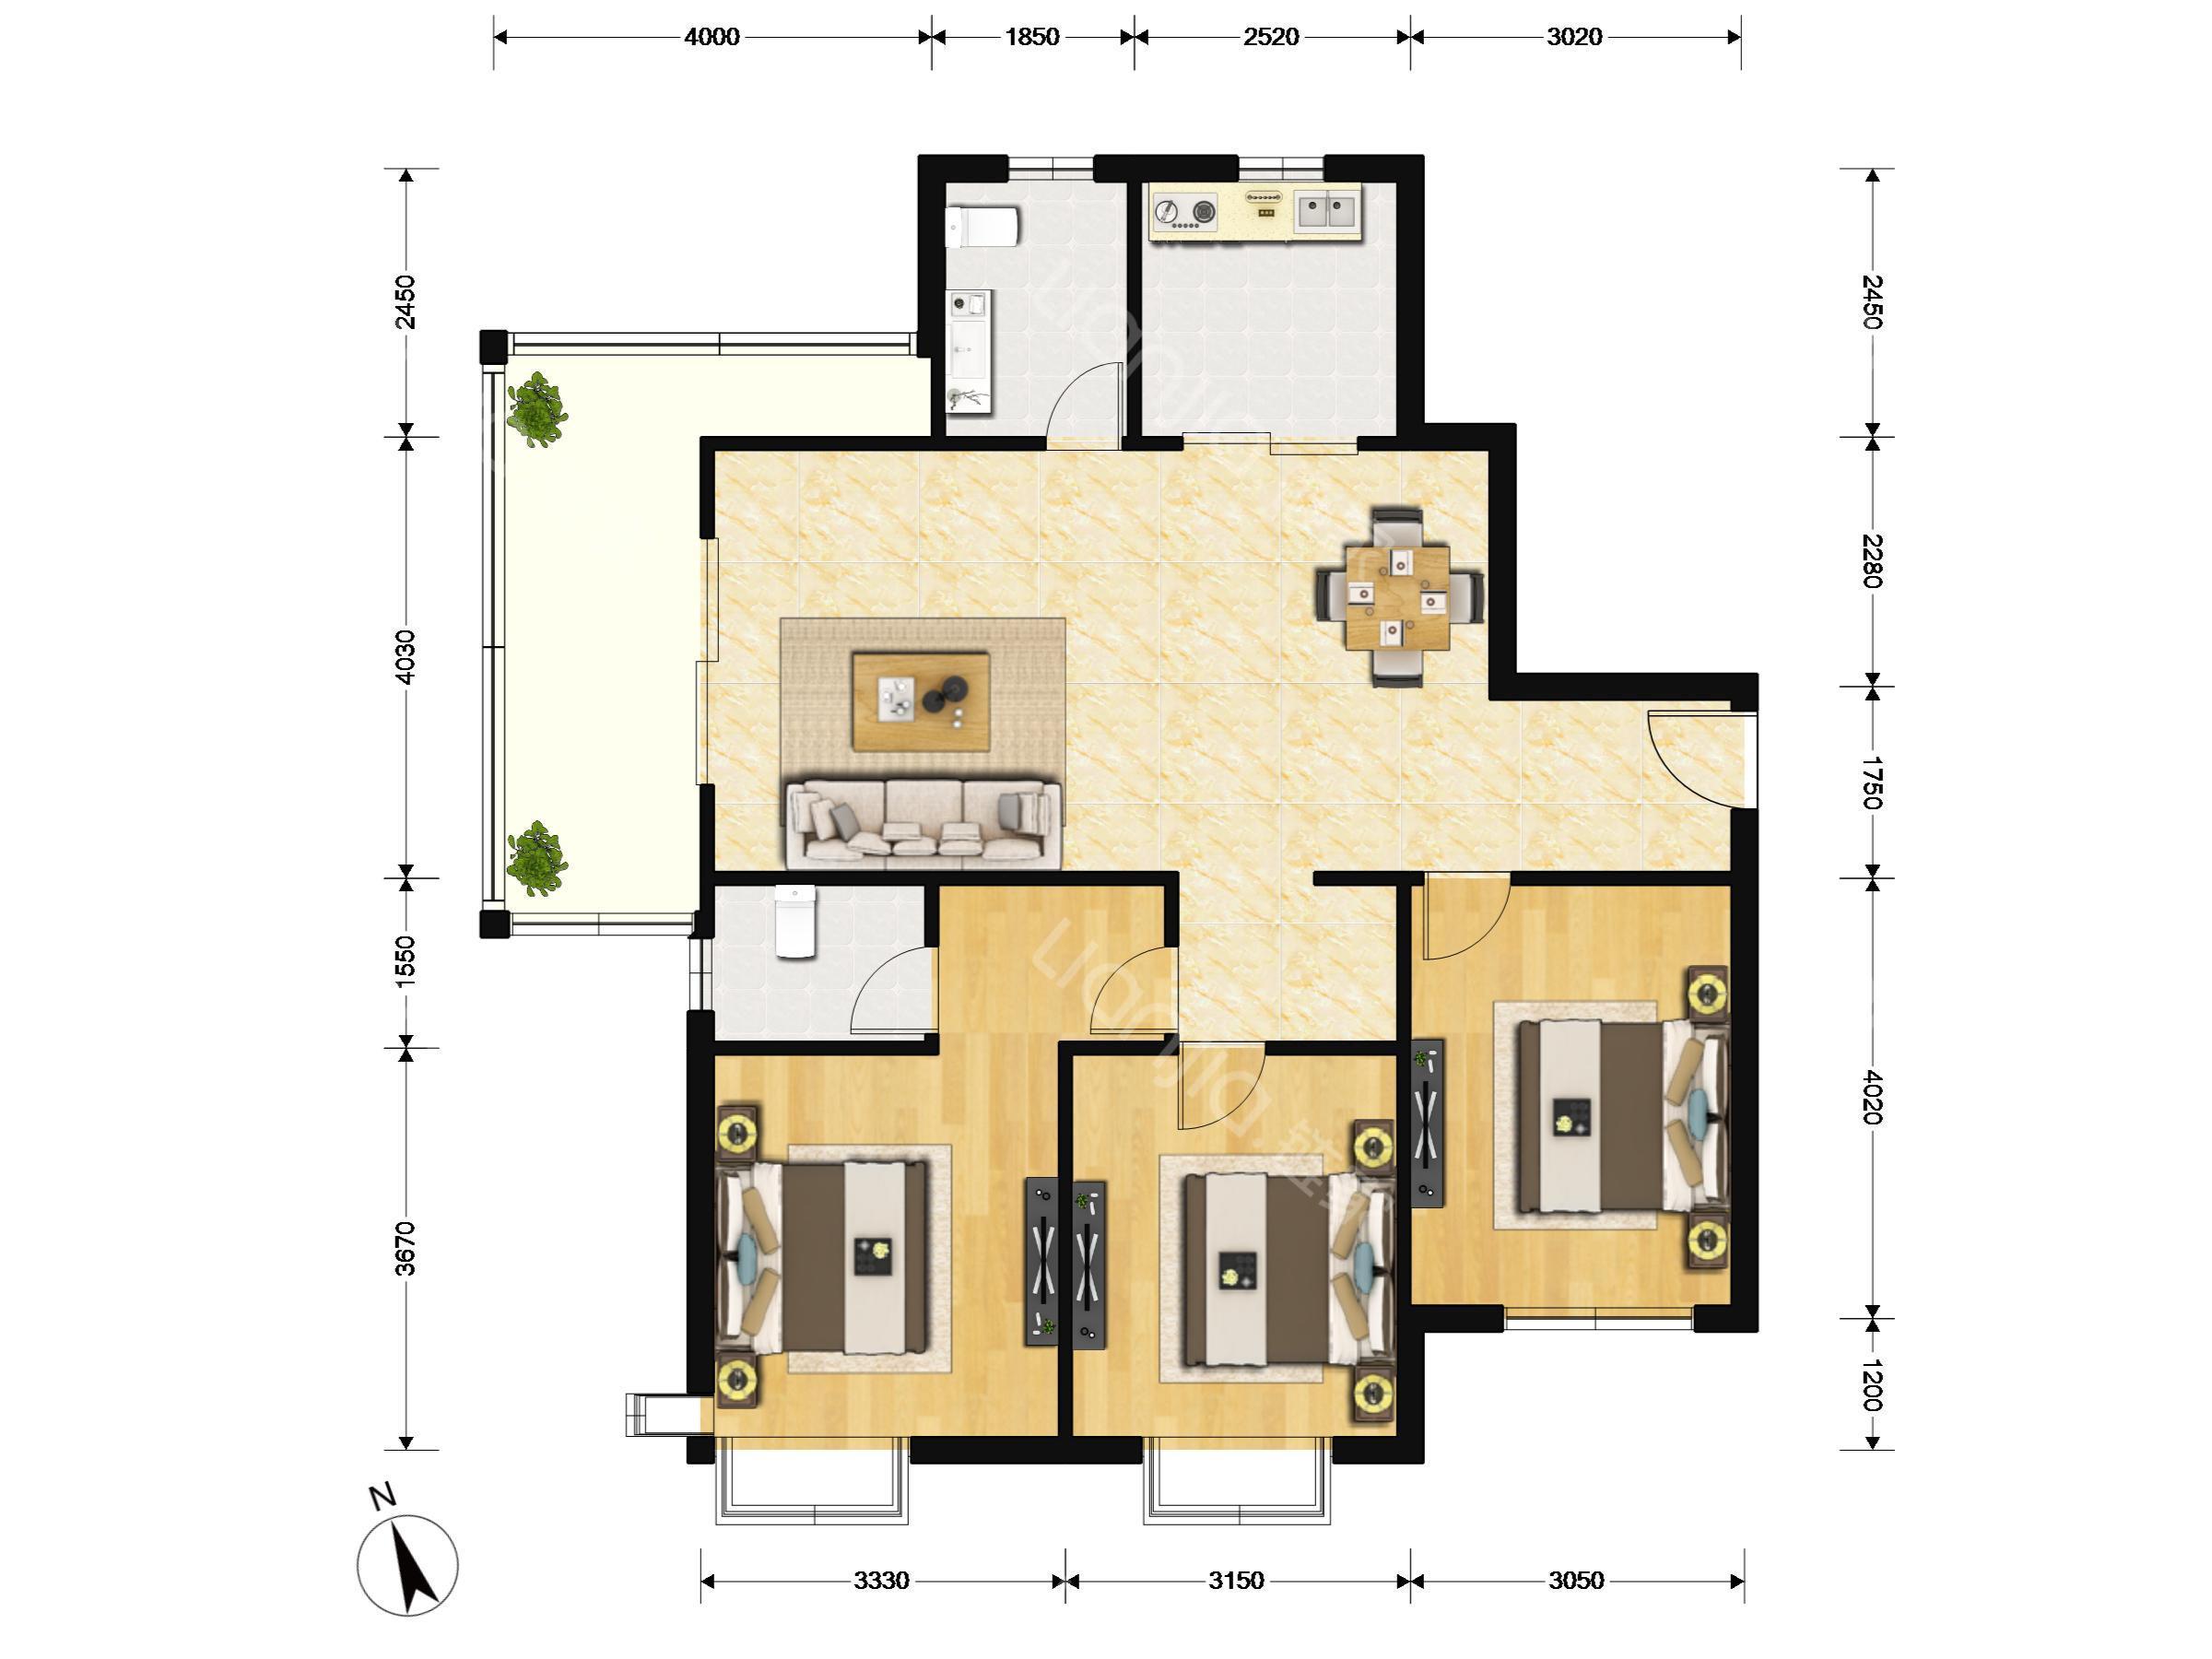 嘉城桃花岛(公寓),人气房源,光线充足,看房有钥匙